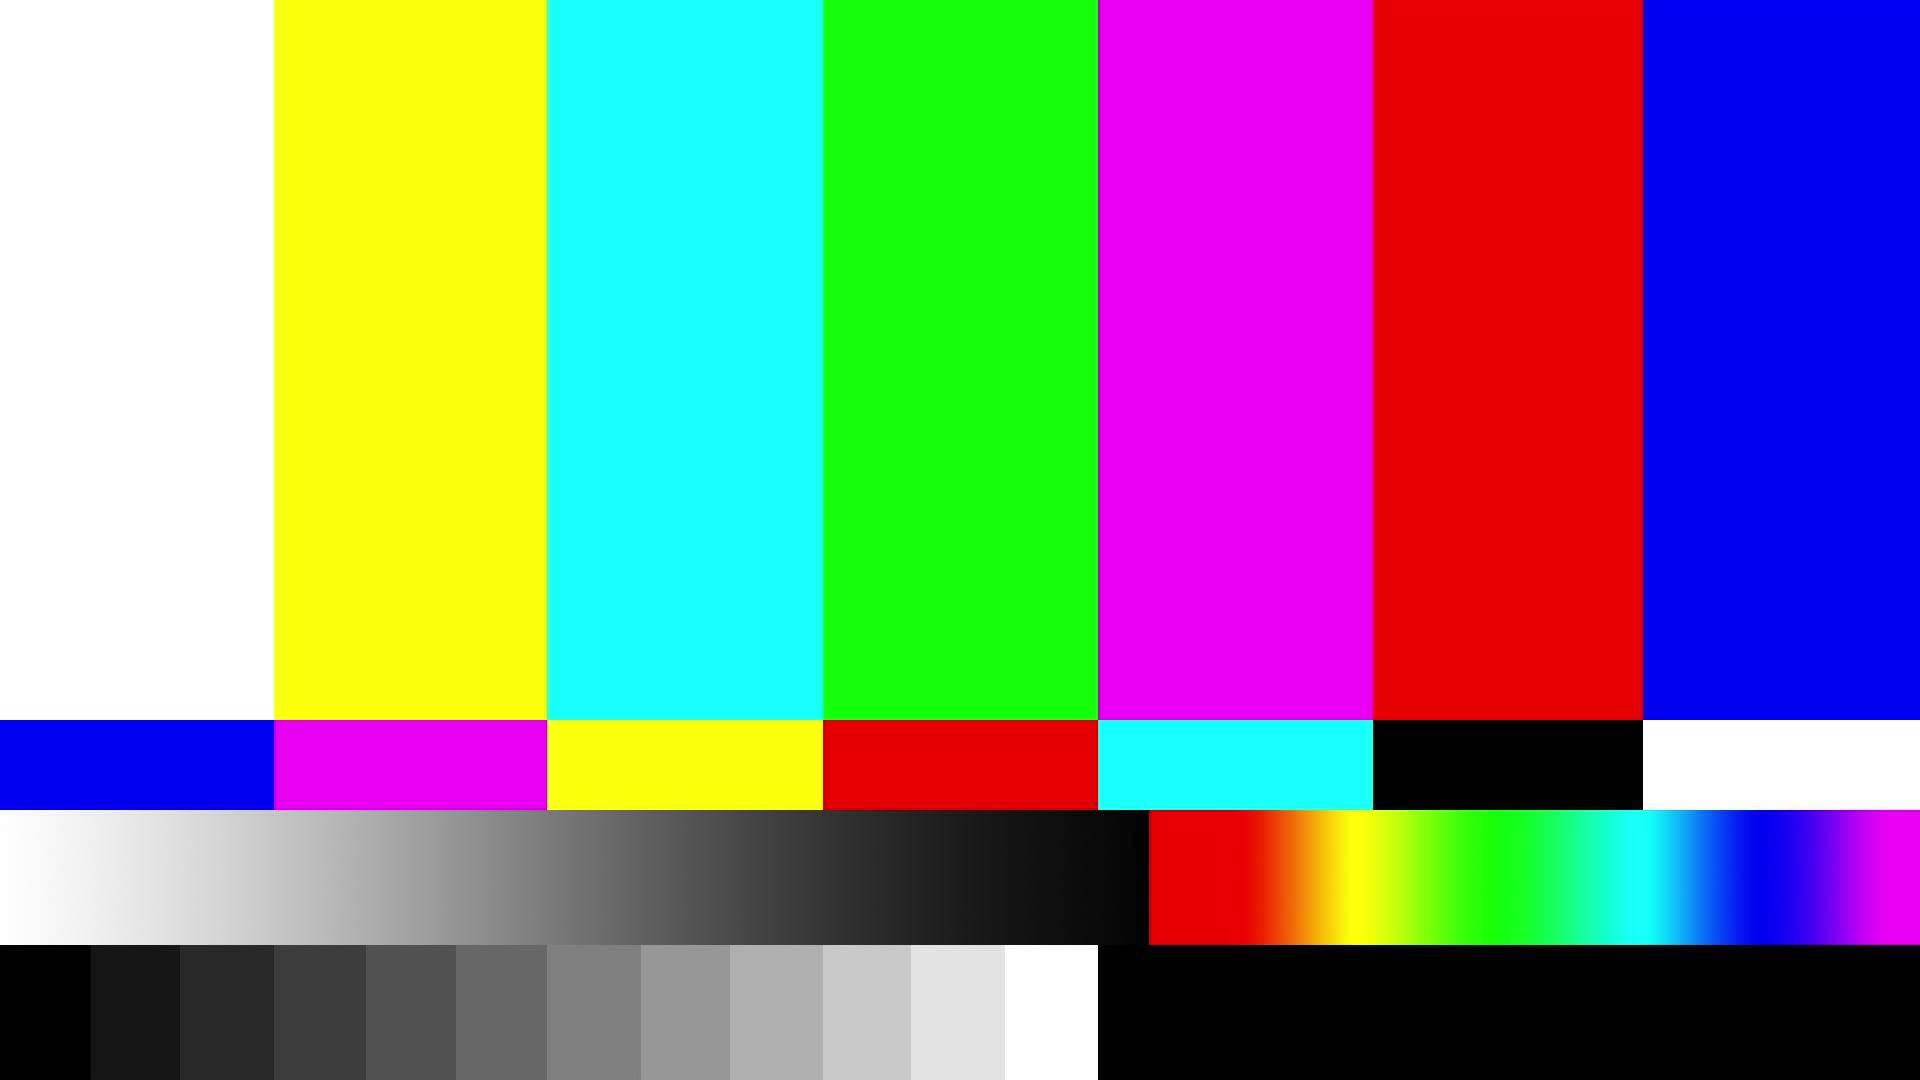 пиоверка цветности экрана планшета такой эффект обещают